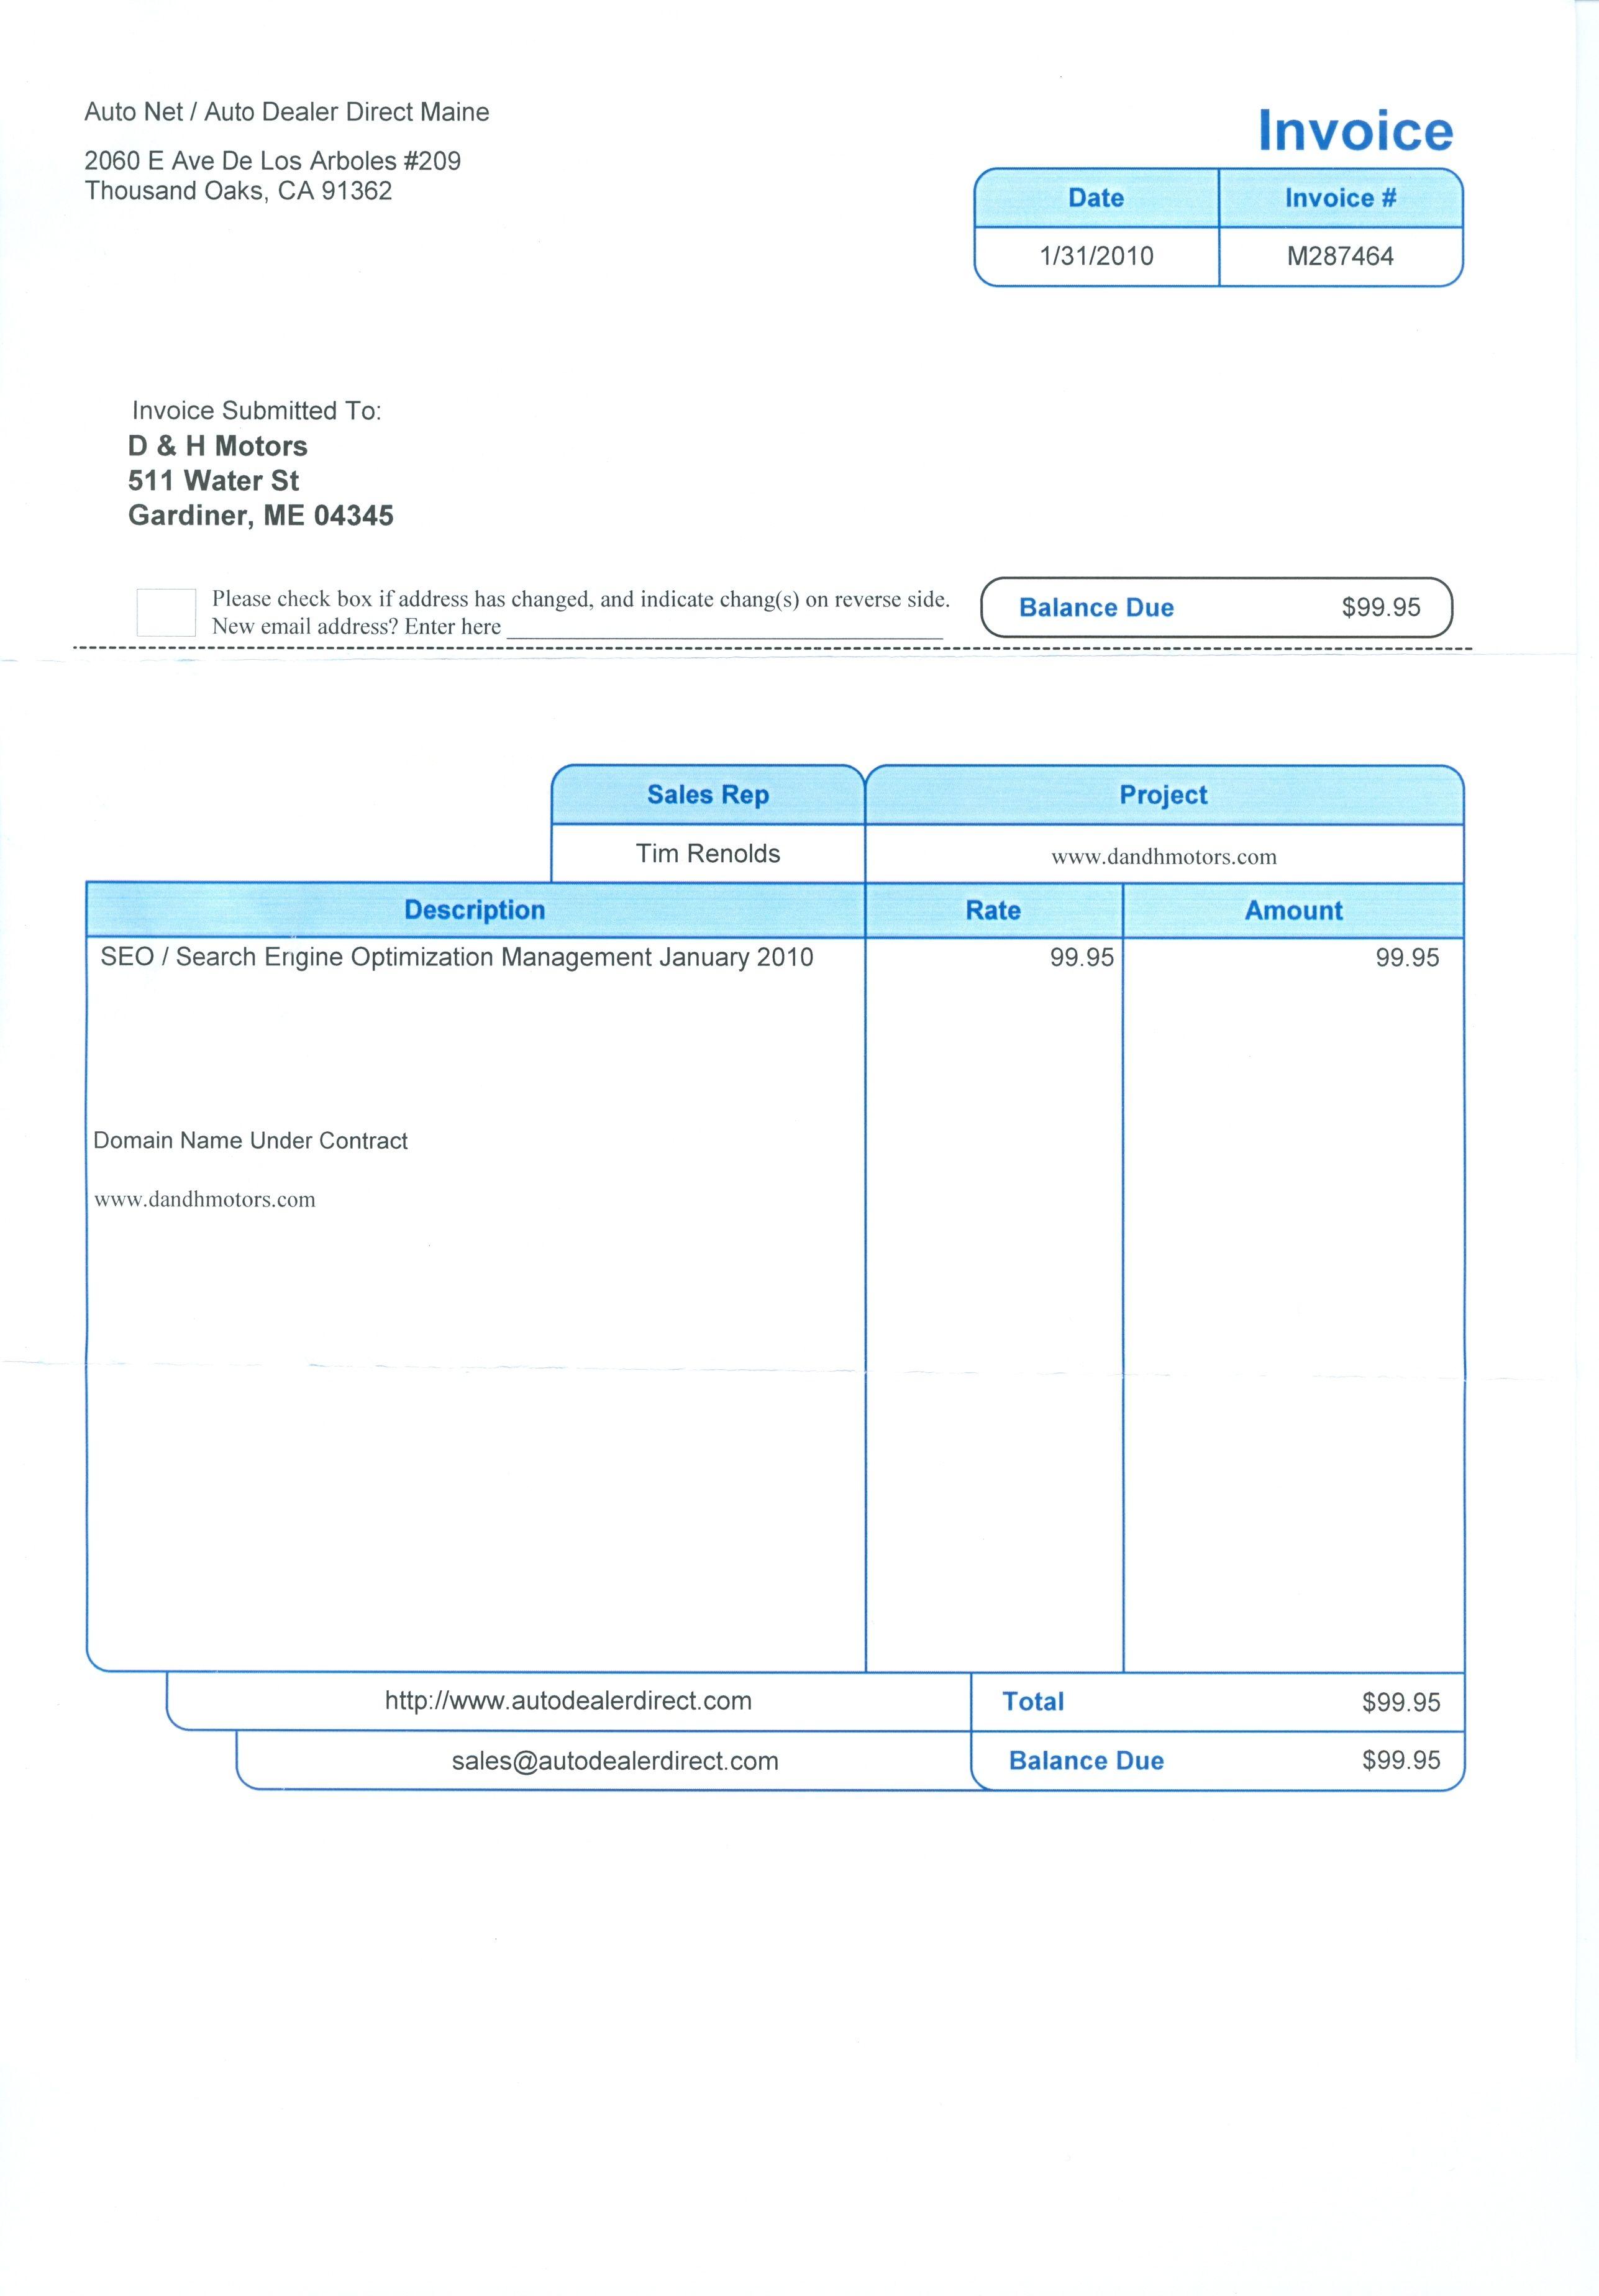 Auto Dealer Invoice Ripoff Report Auto Netauto Dealer Direct Maine Complaint Review 2574 X 3696 Invoice Template Car Dealer Toyota Dealers